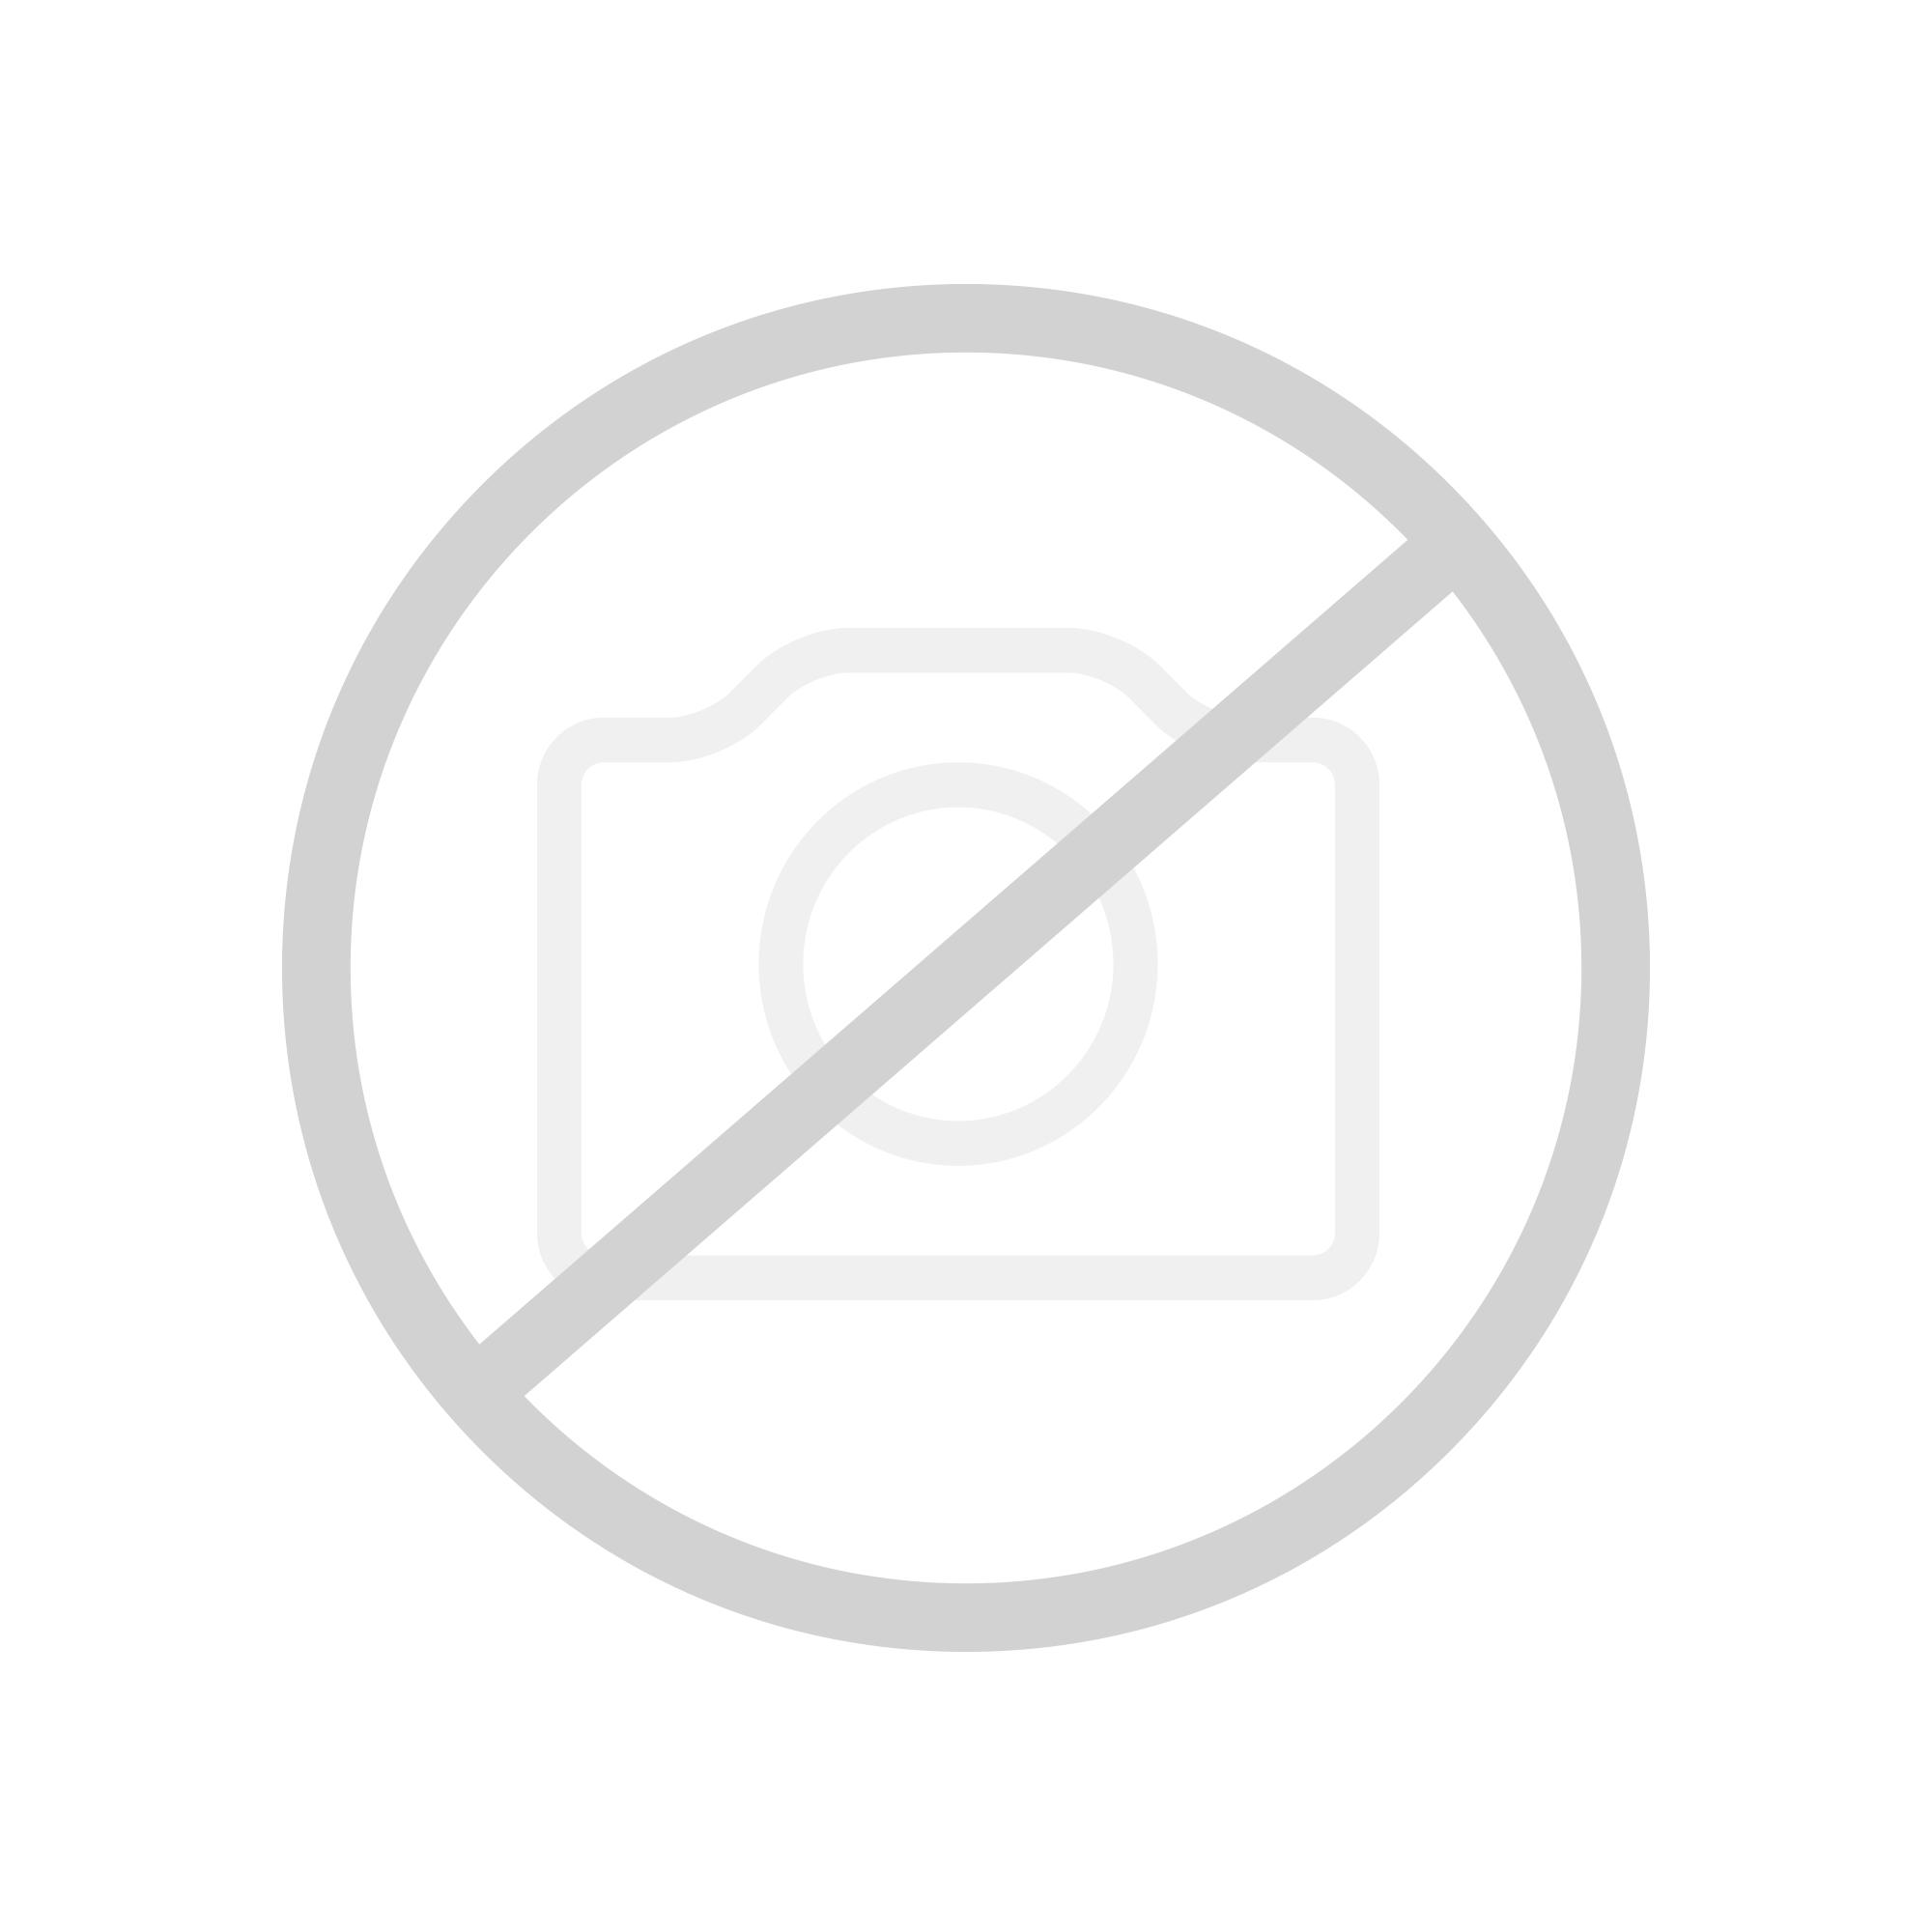 Herzbach NeoCastell Waschtisch-Einlochbatterie Mini ohne Ablaufgarnitur